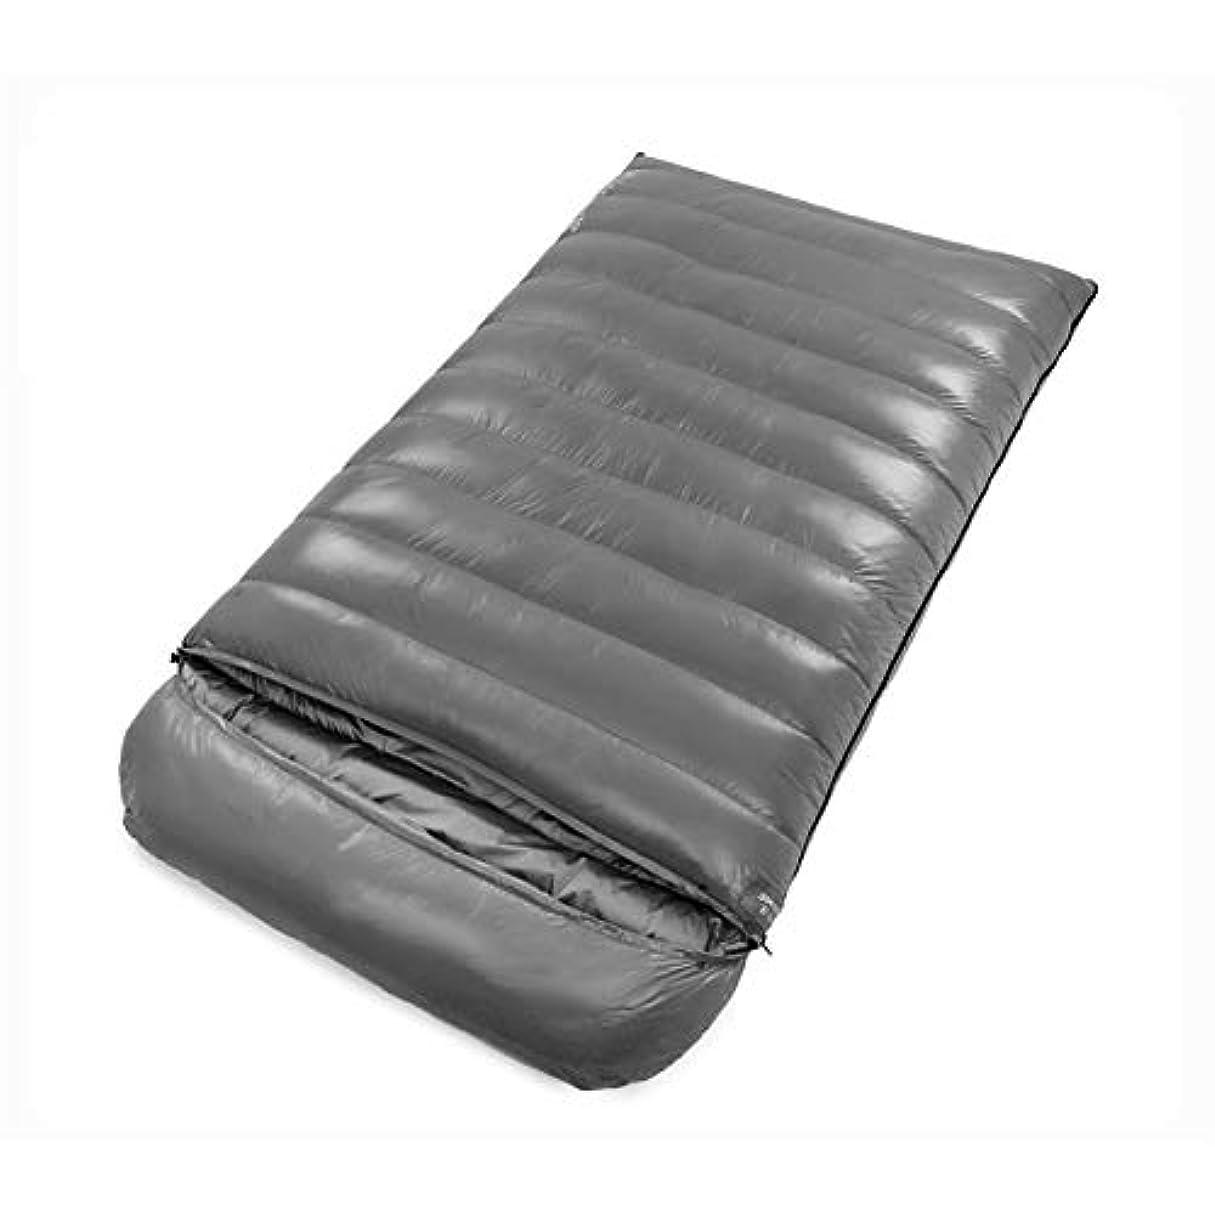 ベッドアカデミック咲くDurable,breathable,comfortableスリーピングバッグ、クイーンサイズダブルスリープバッグ4シーズン封筒大人睡眠袋軽量厚い暖かい睡眠パッド,gray,1200g